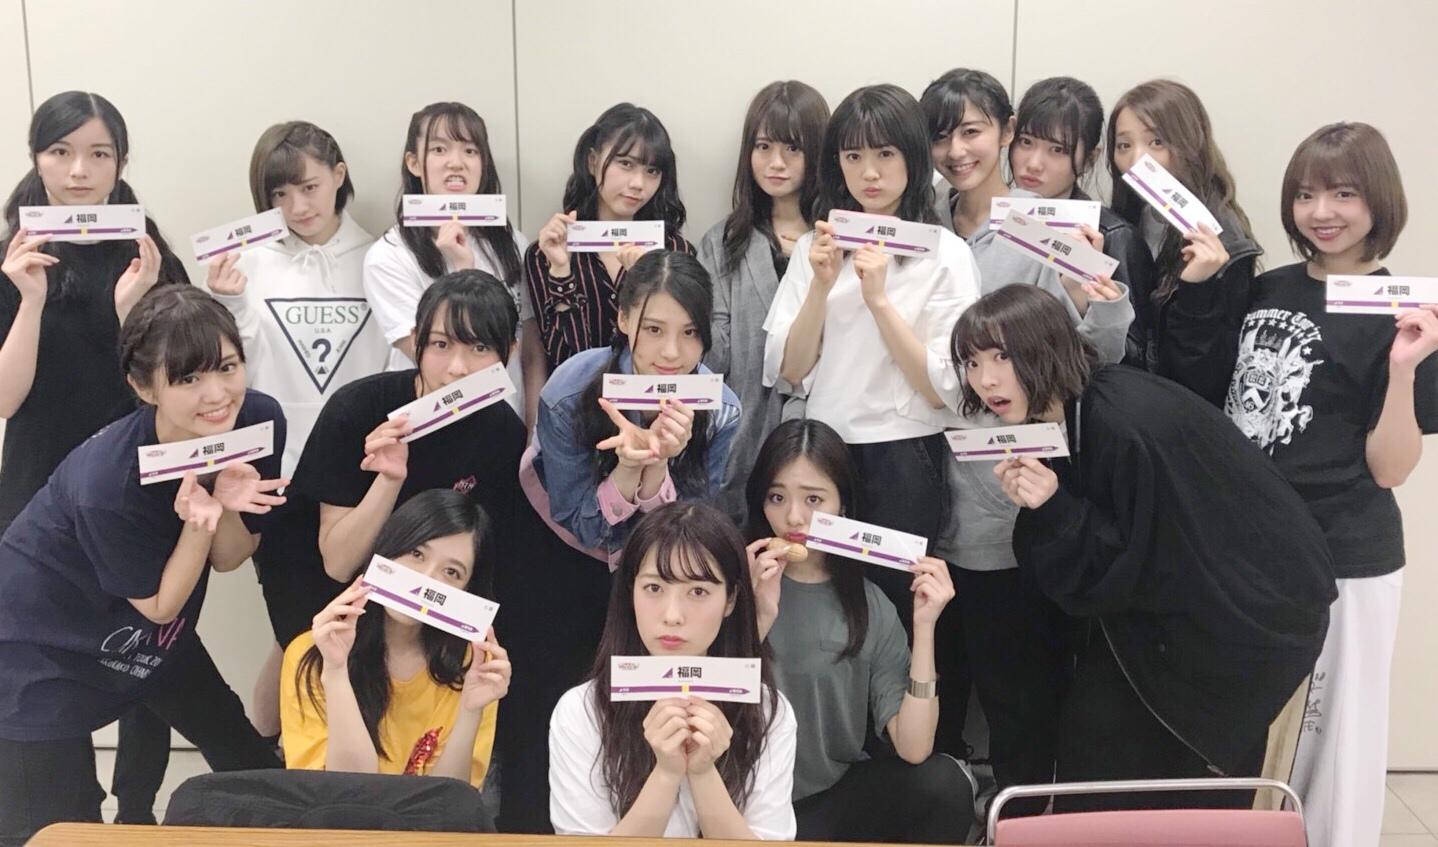 乃木坂46 アンダーライブ2017福岡 集合写真2